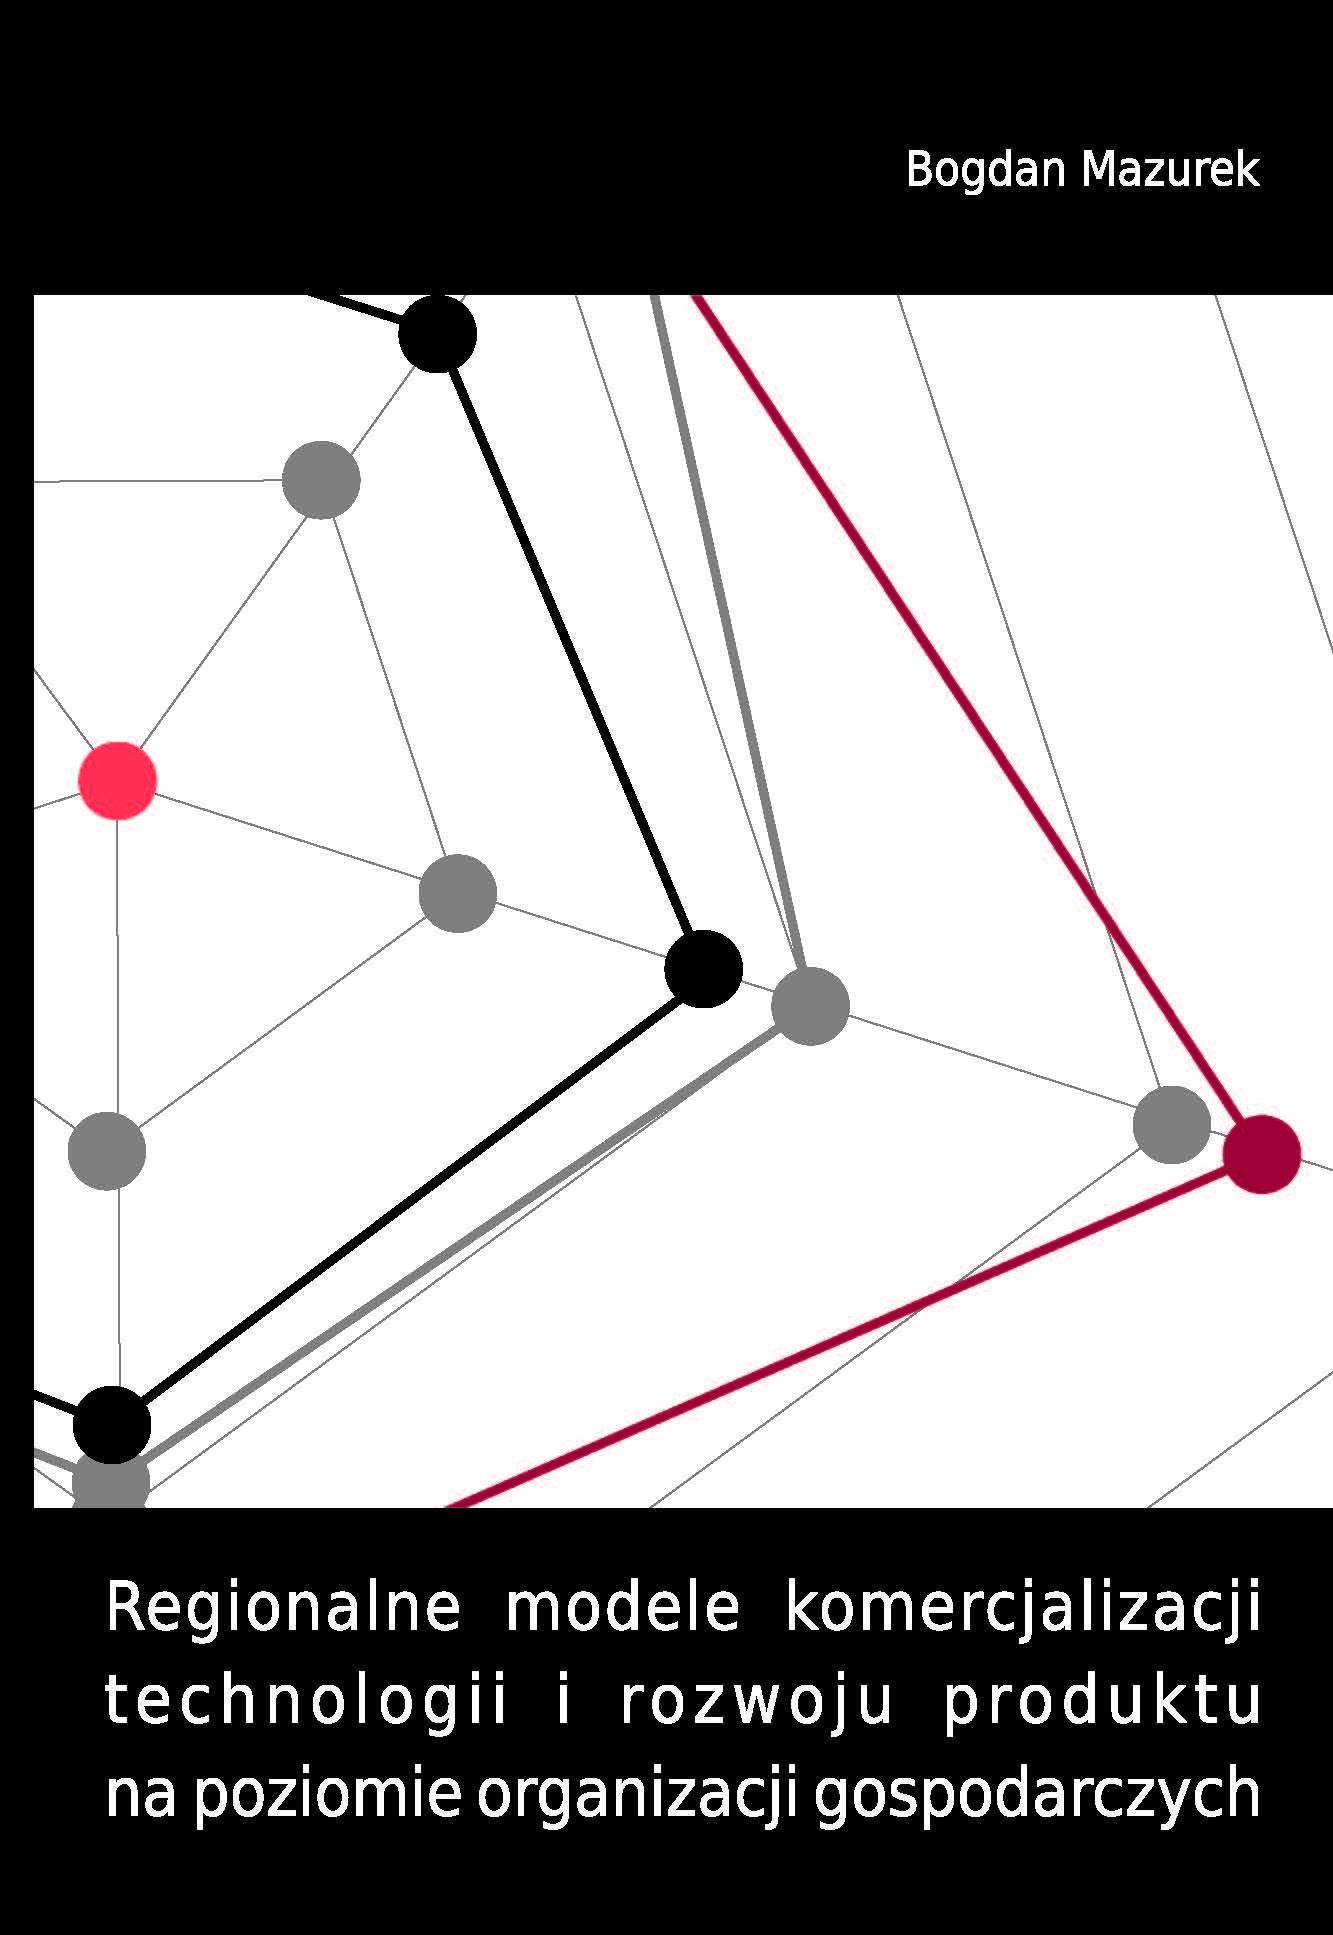 Regionalne modele komercjalizacji technologii i rozwoju produktu na poziomie organizacji gospodarczych